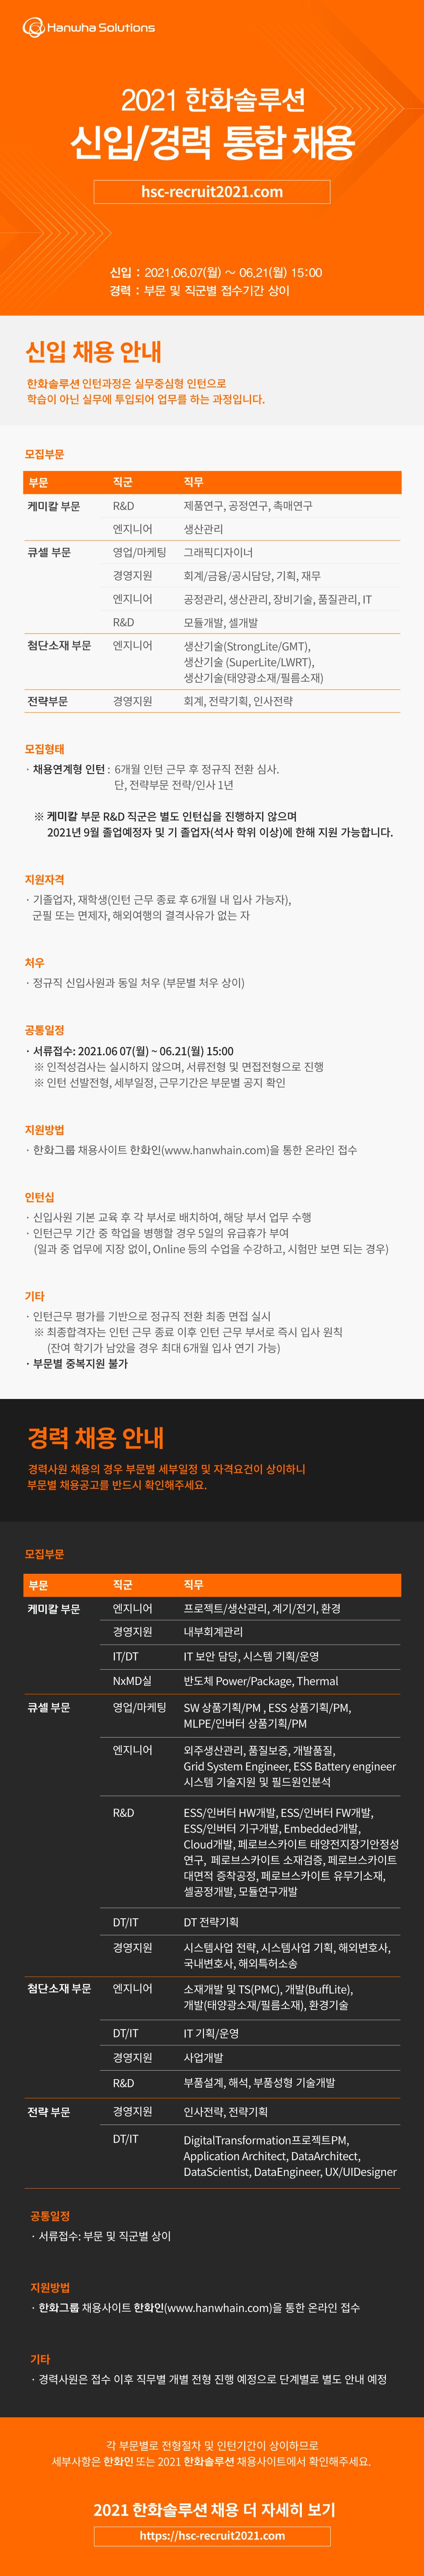 2021 한화솔루션 신입-경력 통합 채용공고문 최종.jpg